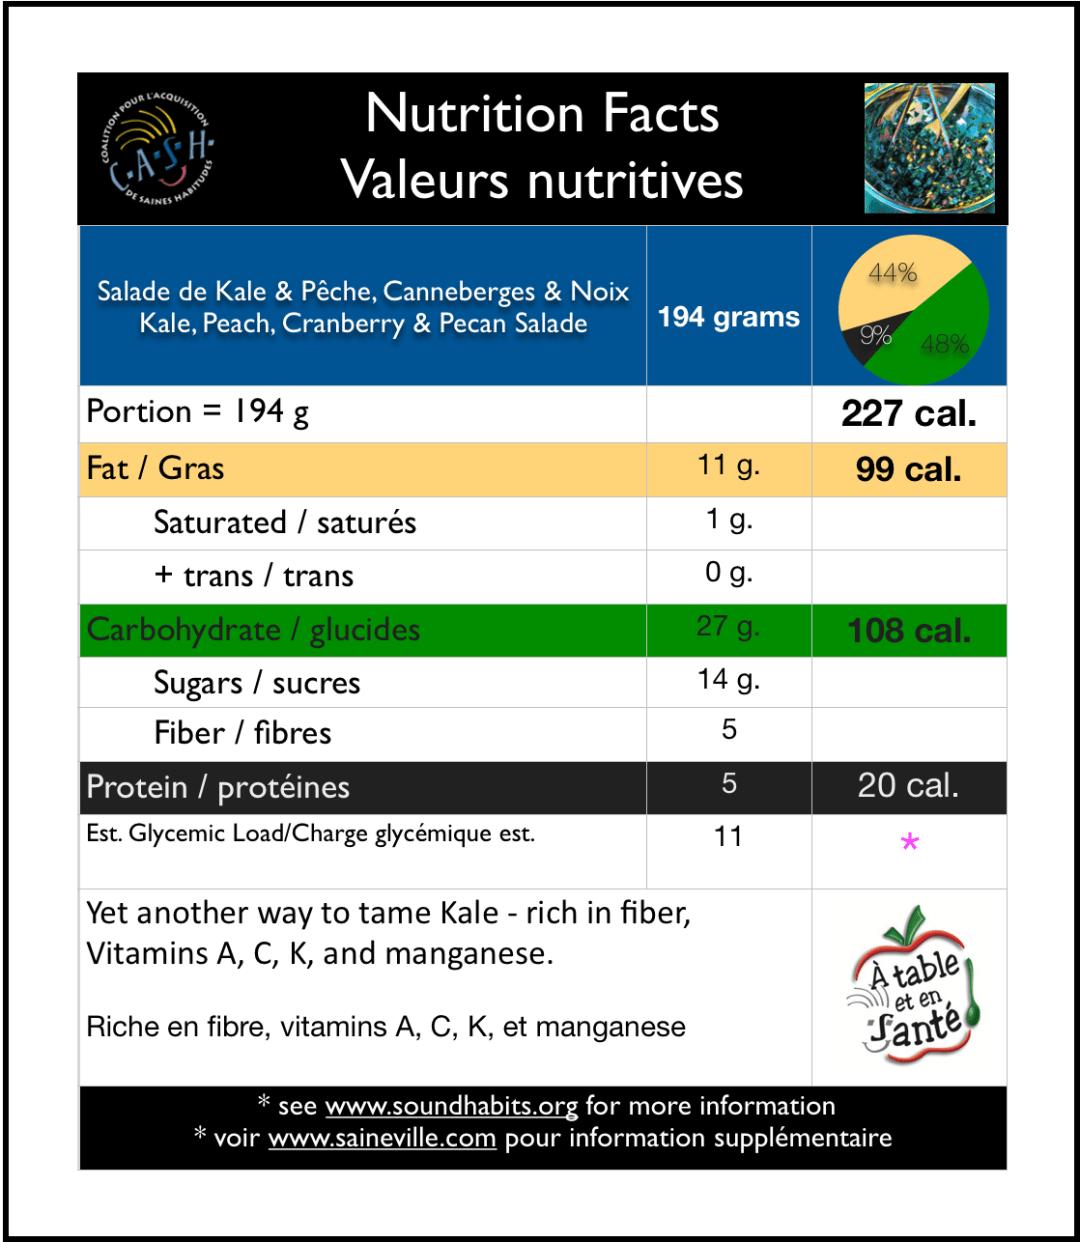 Salade de Kale et Peches. Nutritional info